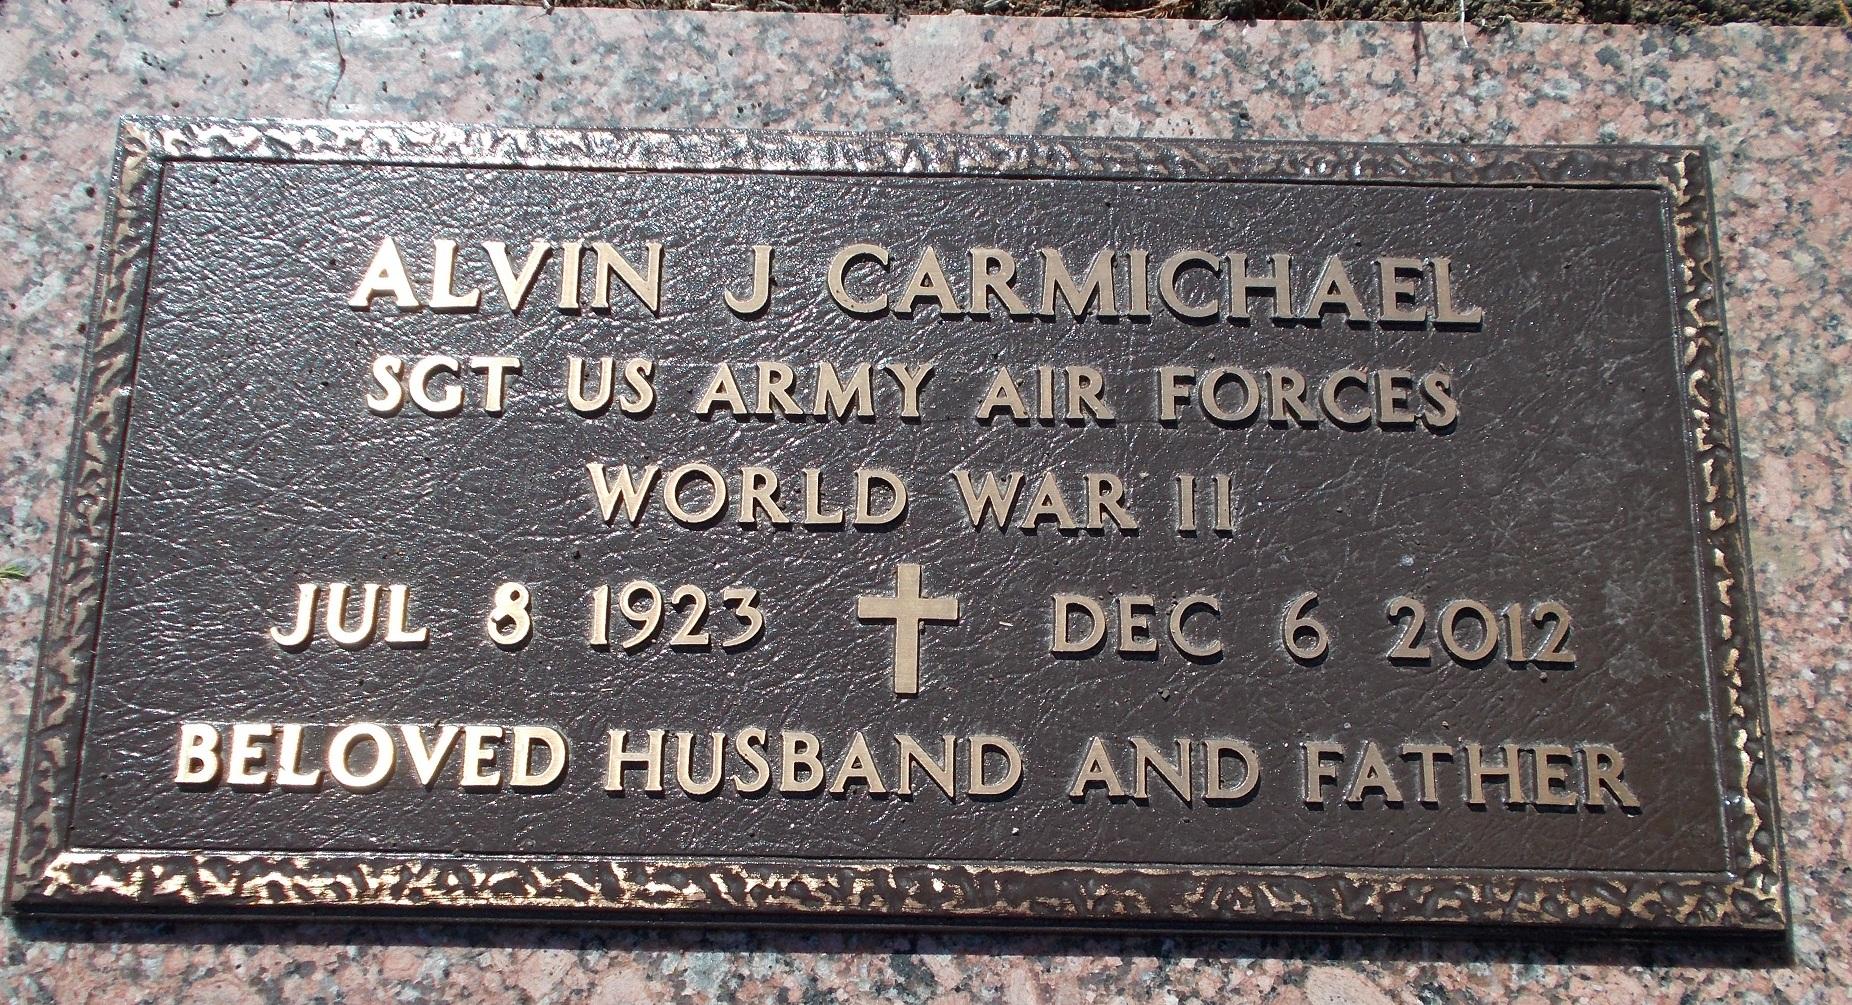 Alvin James Carmichael